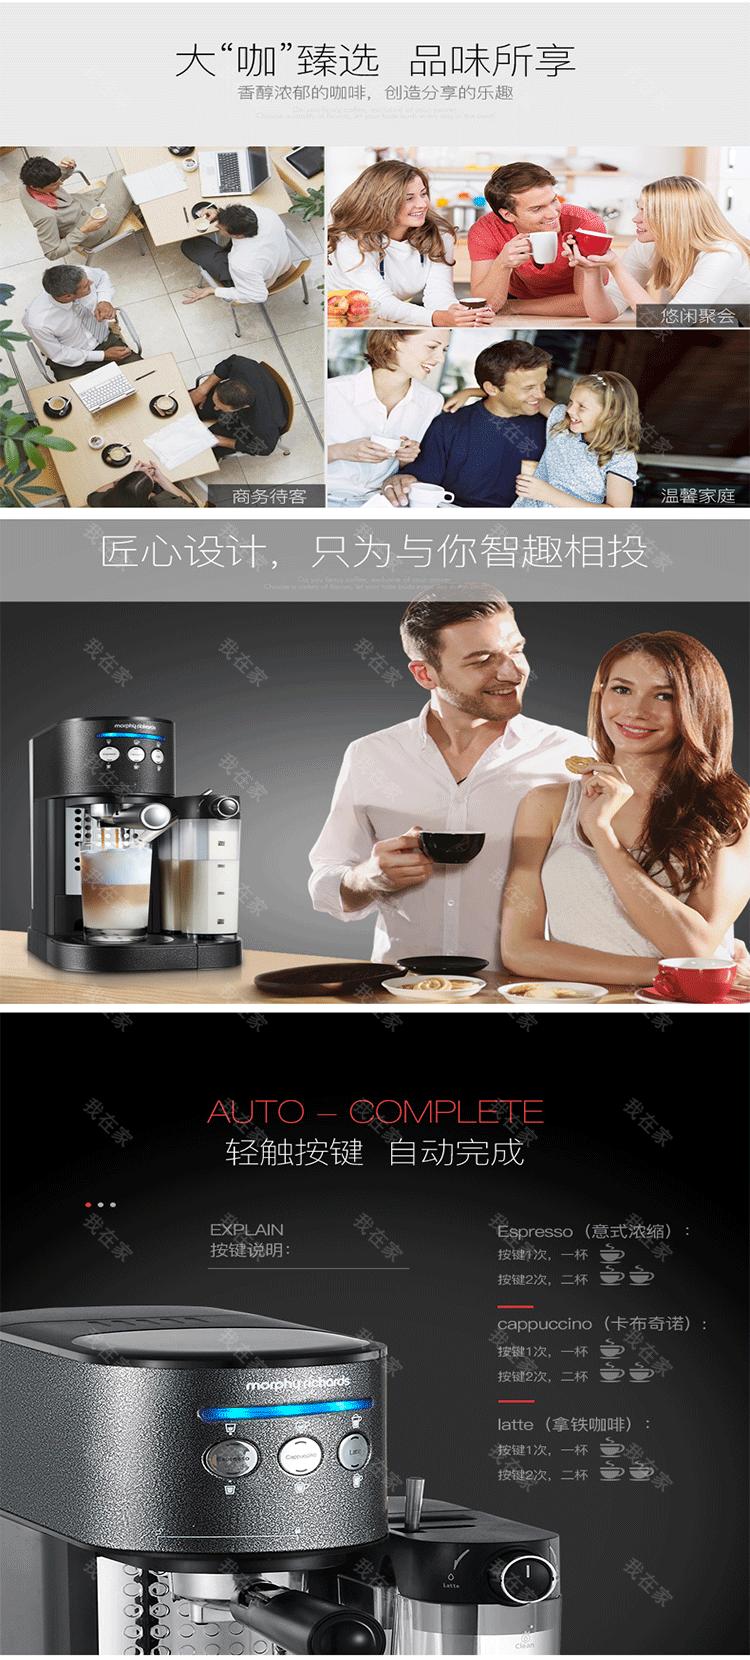 摩飞品牌摩飞意式智能花式咖啡机的详细介绍